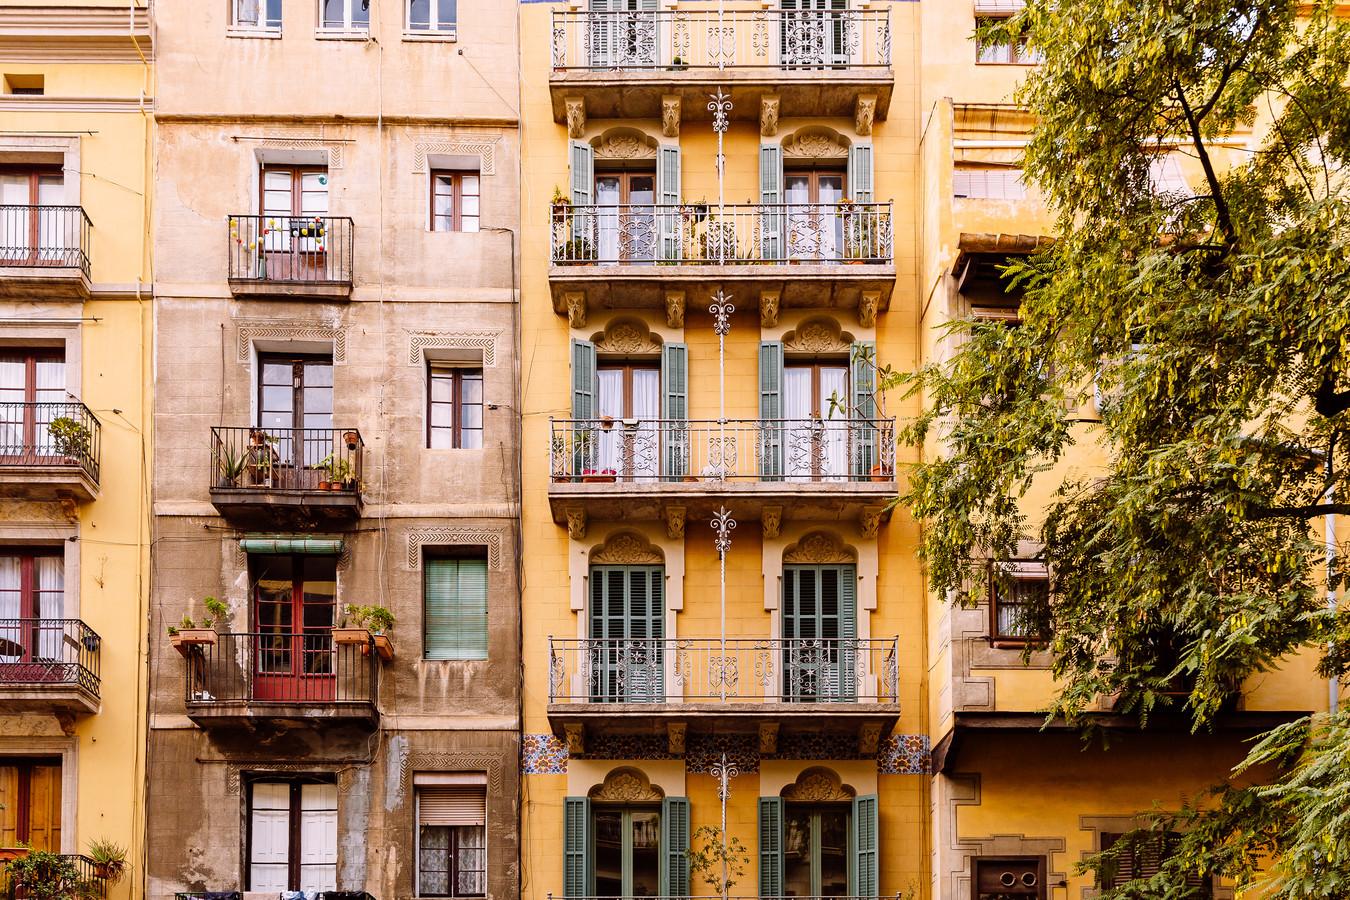 Dionne (29) betaalt mee aan de Nederlandse hypotheek met haar vriend, maar woont inmiddels ook in Barcelona.